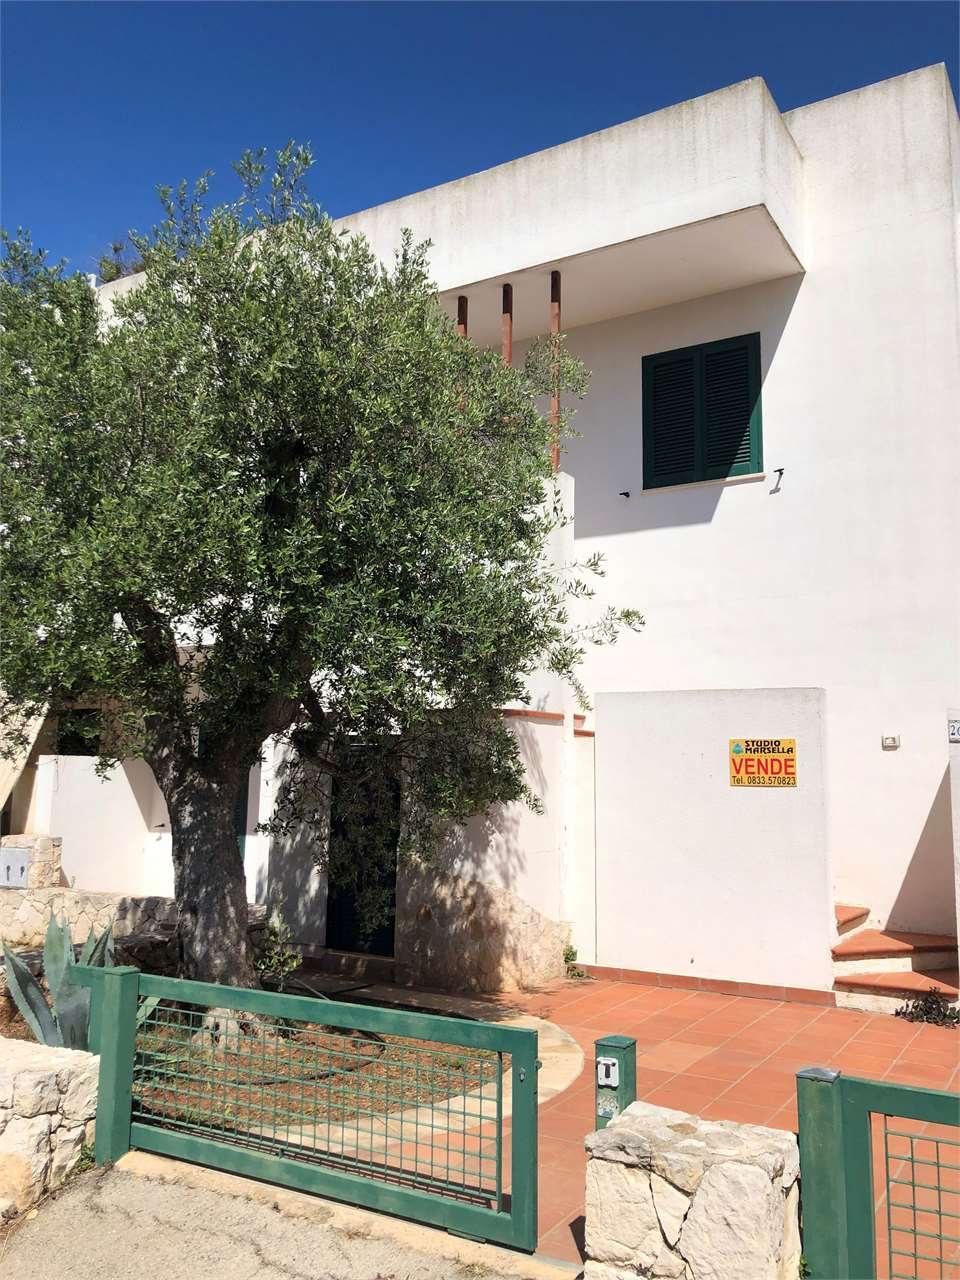 Appartamento in vendita a Nardò, 3 locali, prezzo € 75.000 | CambioCasa.it